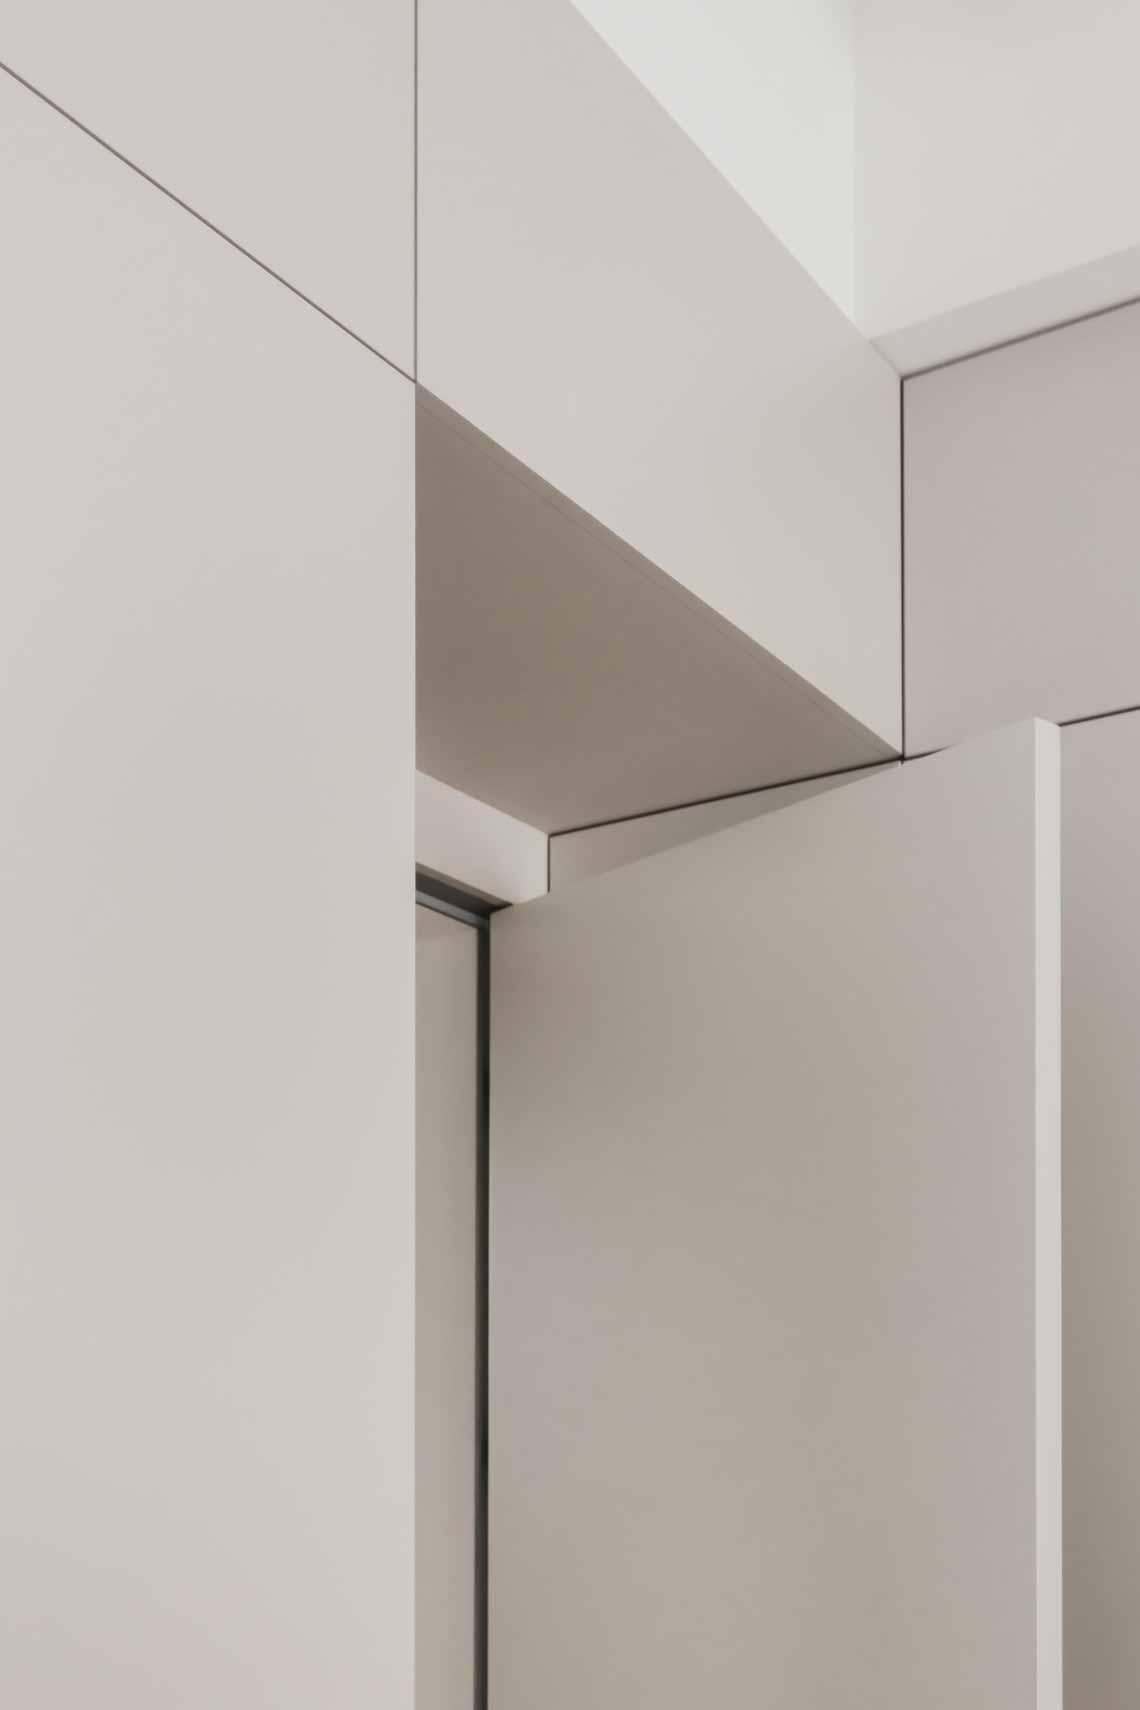 Dự án FG OFF – Một văn phòng không gian hình học màu cam -21